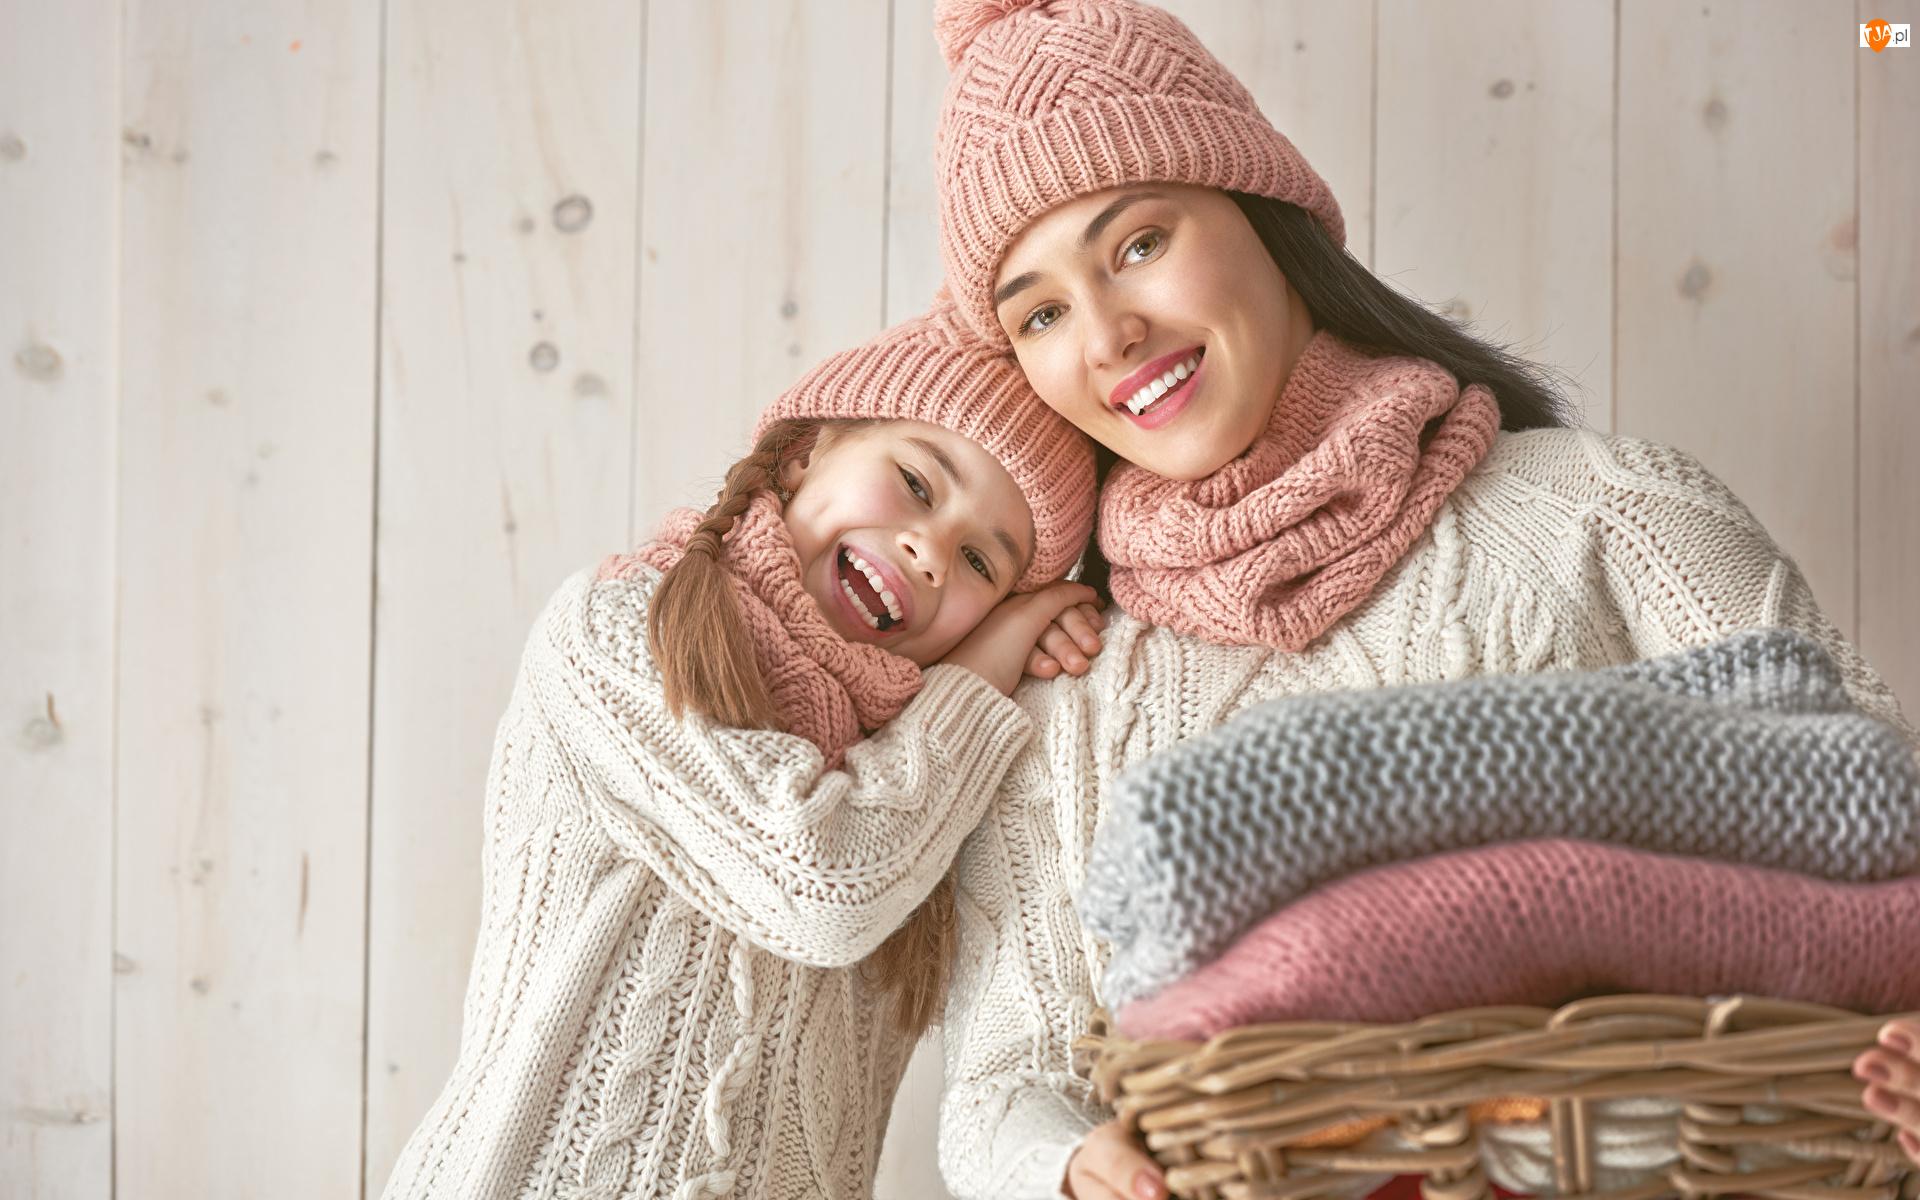 Swetry, Kobieta, Czapki, Kosz, Dzianina, Radosne, Dziecko, Dziewczynka, Szaliki, Uśmiechy, Deski, Córka, Mama